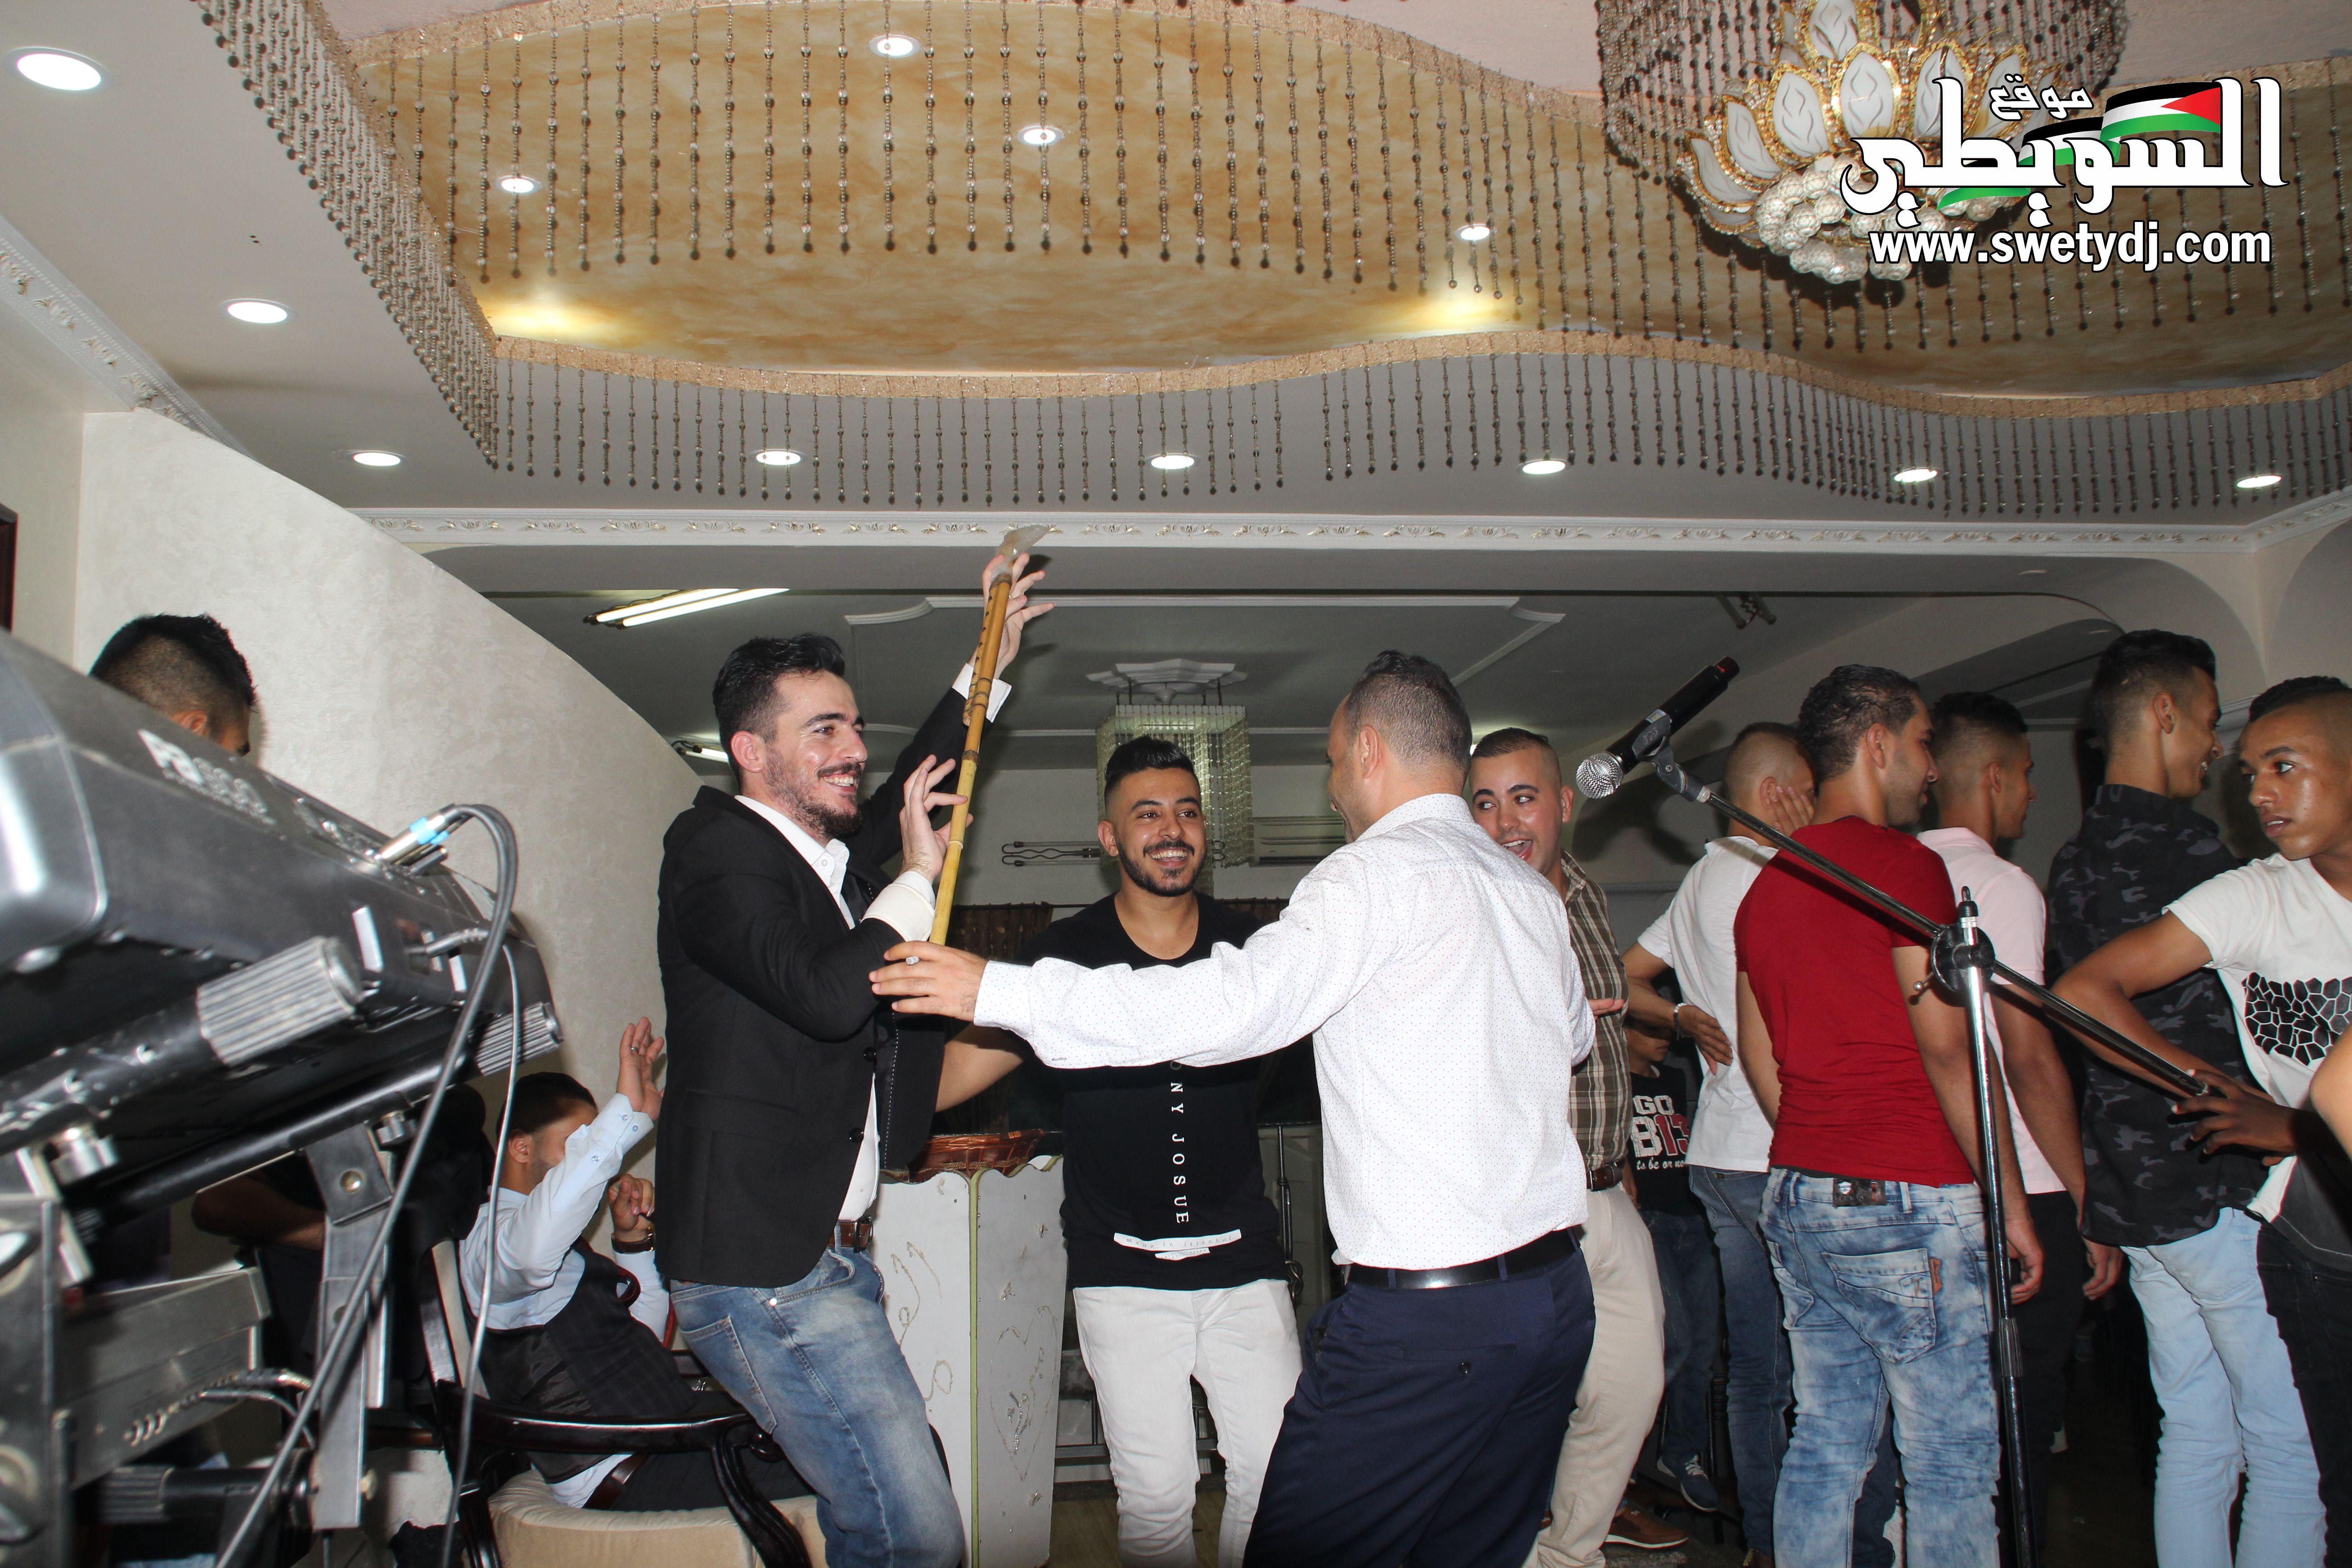 دحية هوووو هووو الفنان حسين السويطي من حفلة احمد ابو جابر مخيم جنين